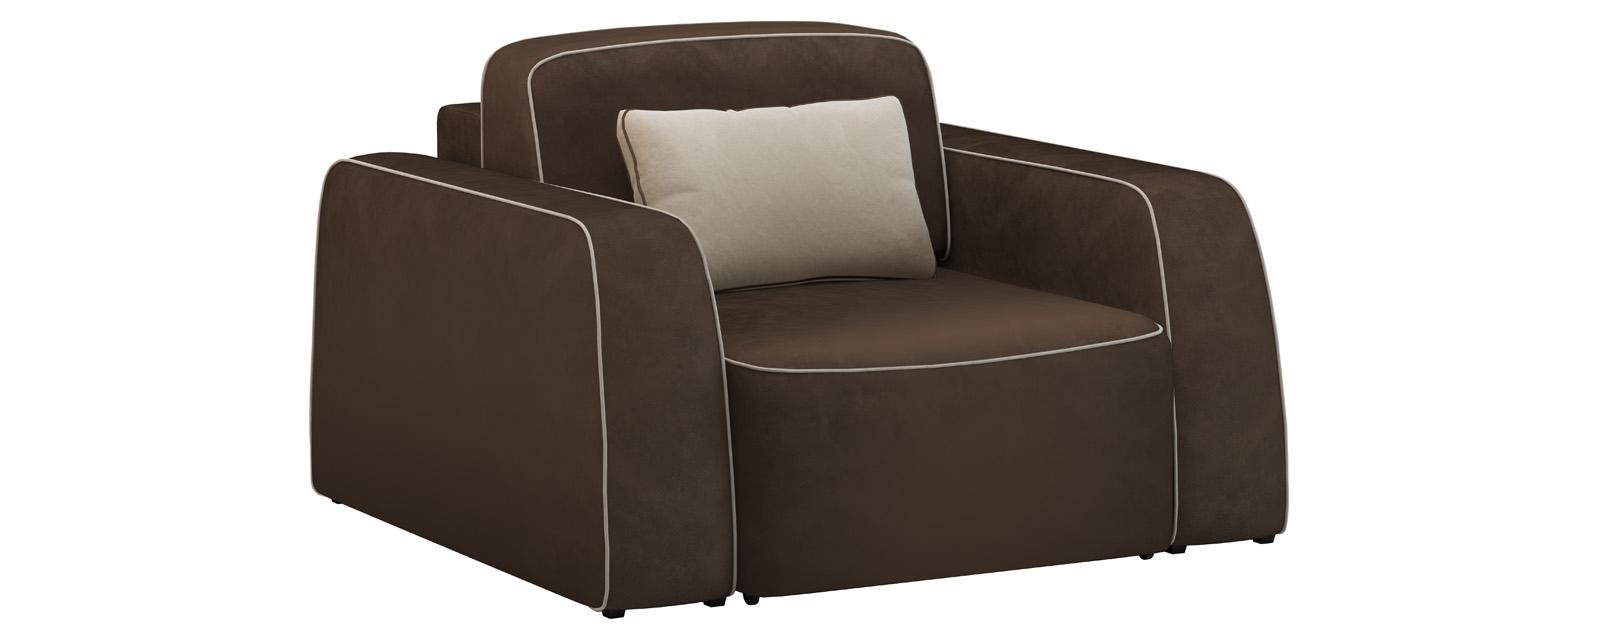 Кресло тканевое Портленд 80 см Velure темно-коричневый/бежевый (Велюр)